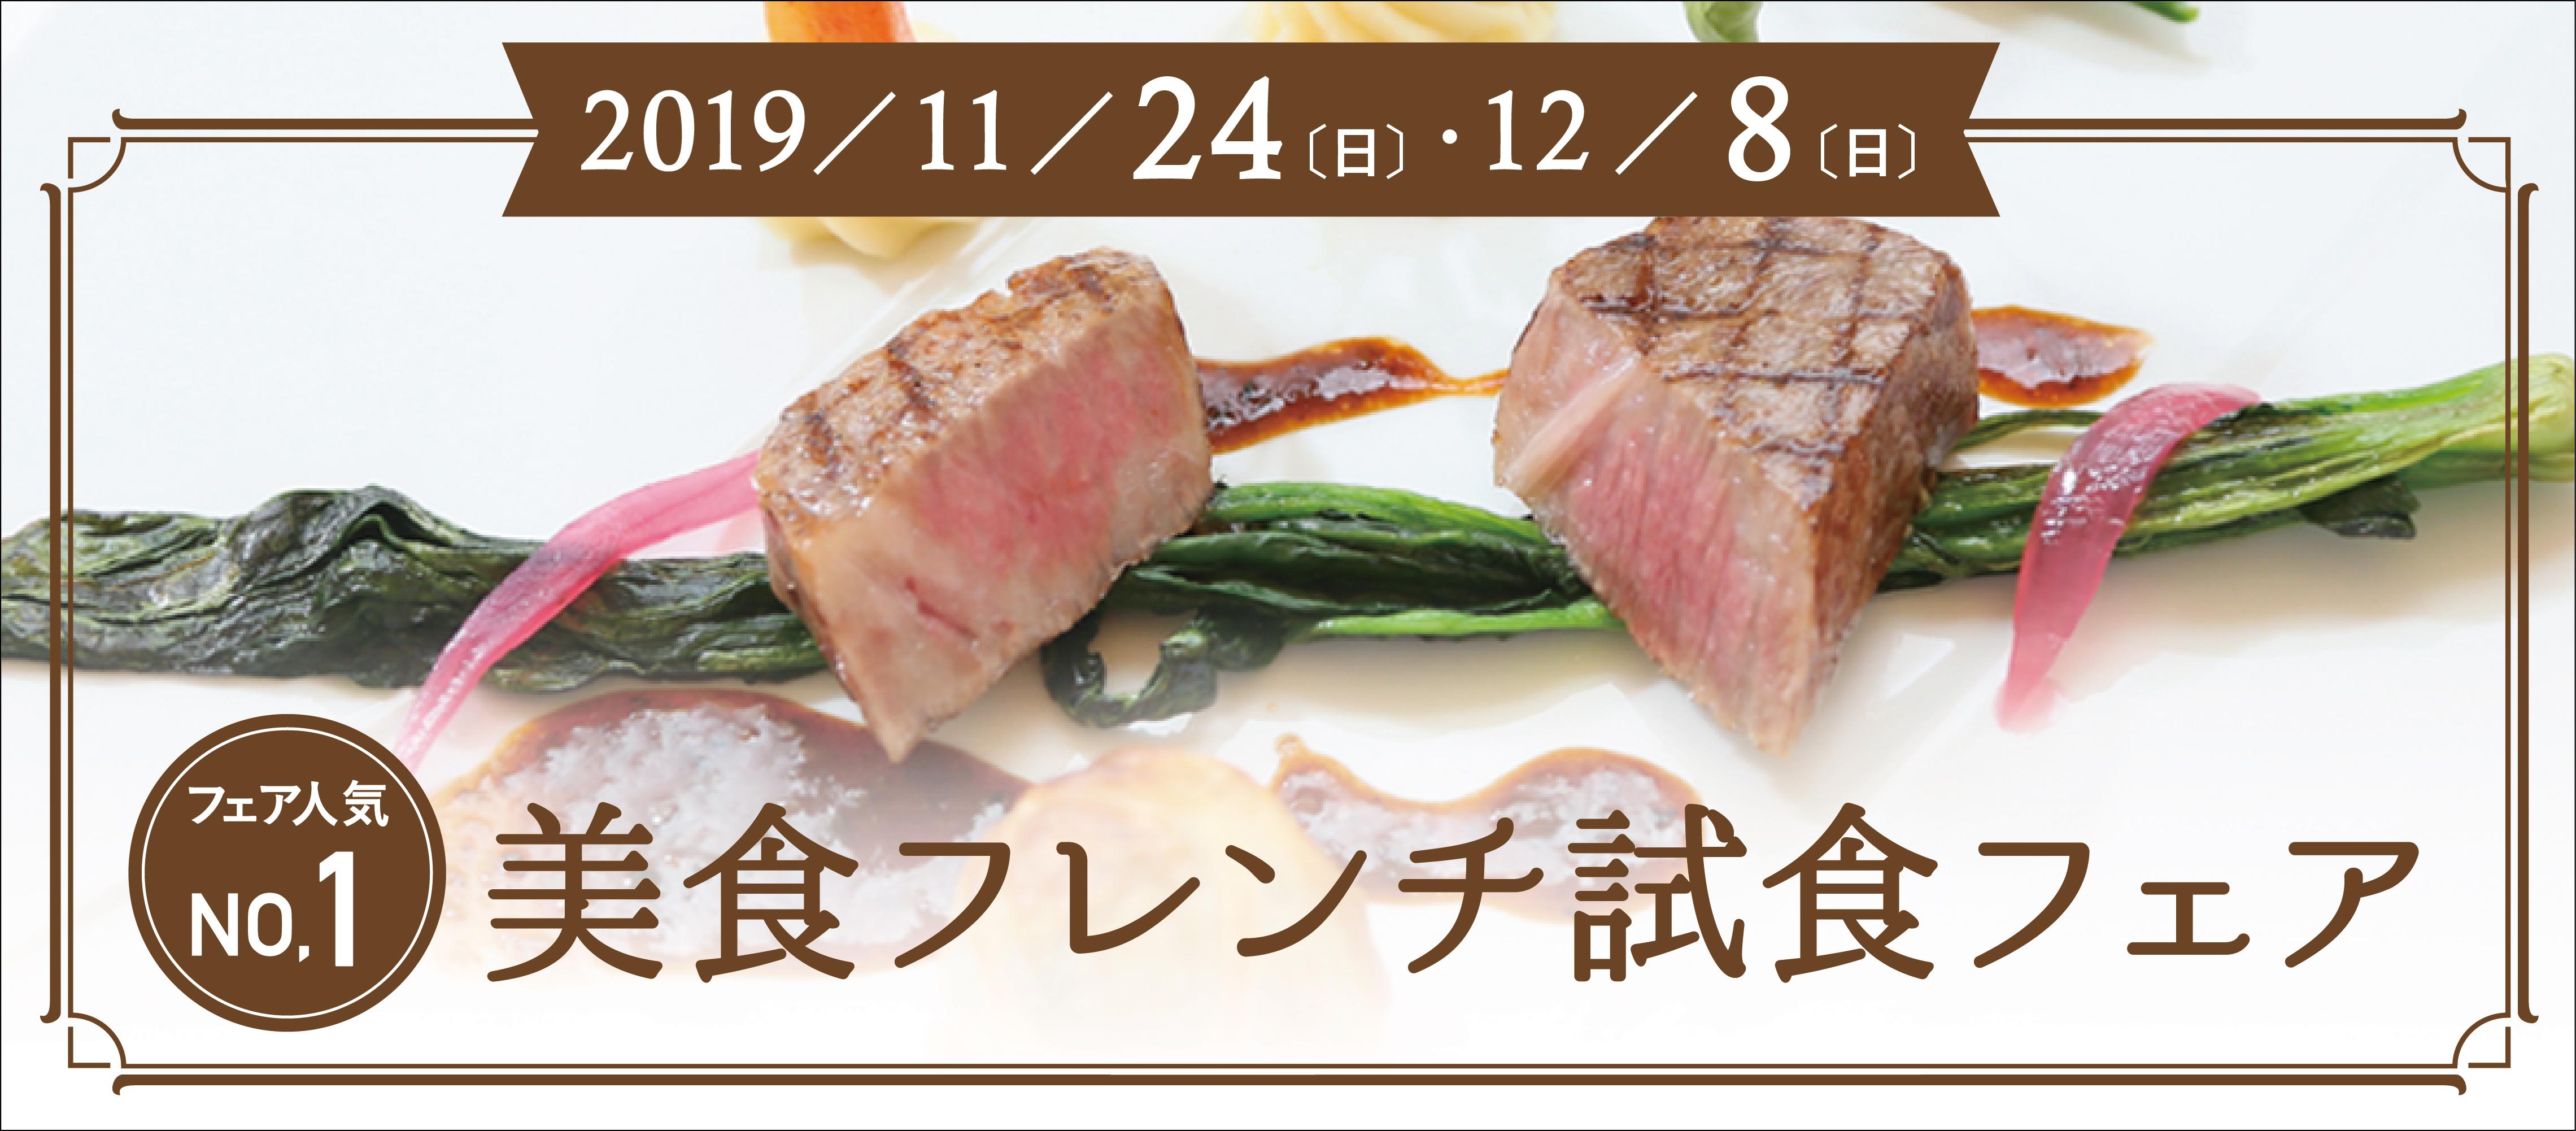 \フェア人気NO.1/美食フレンチ試食フェア 11月24日(日)・12月8日(日)